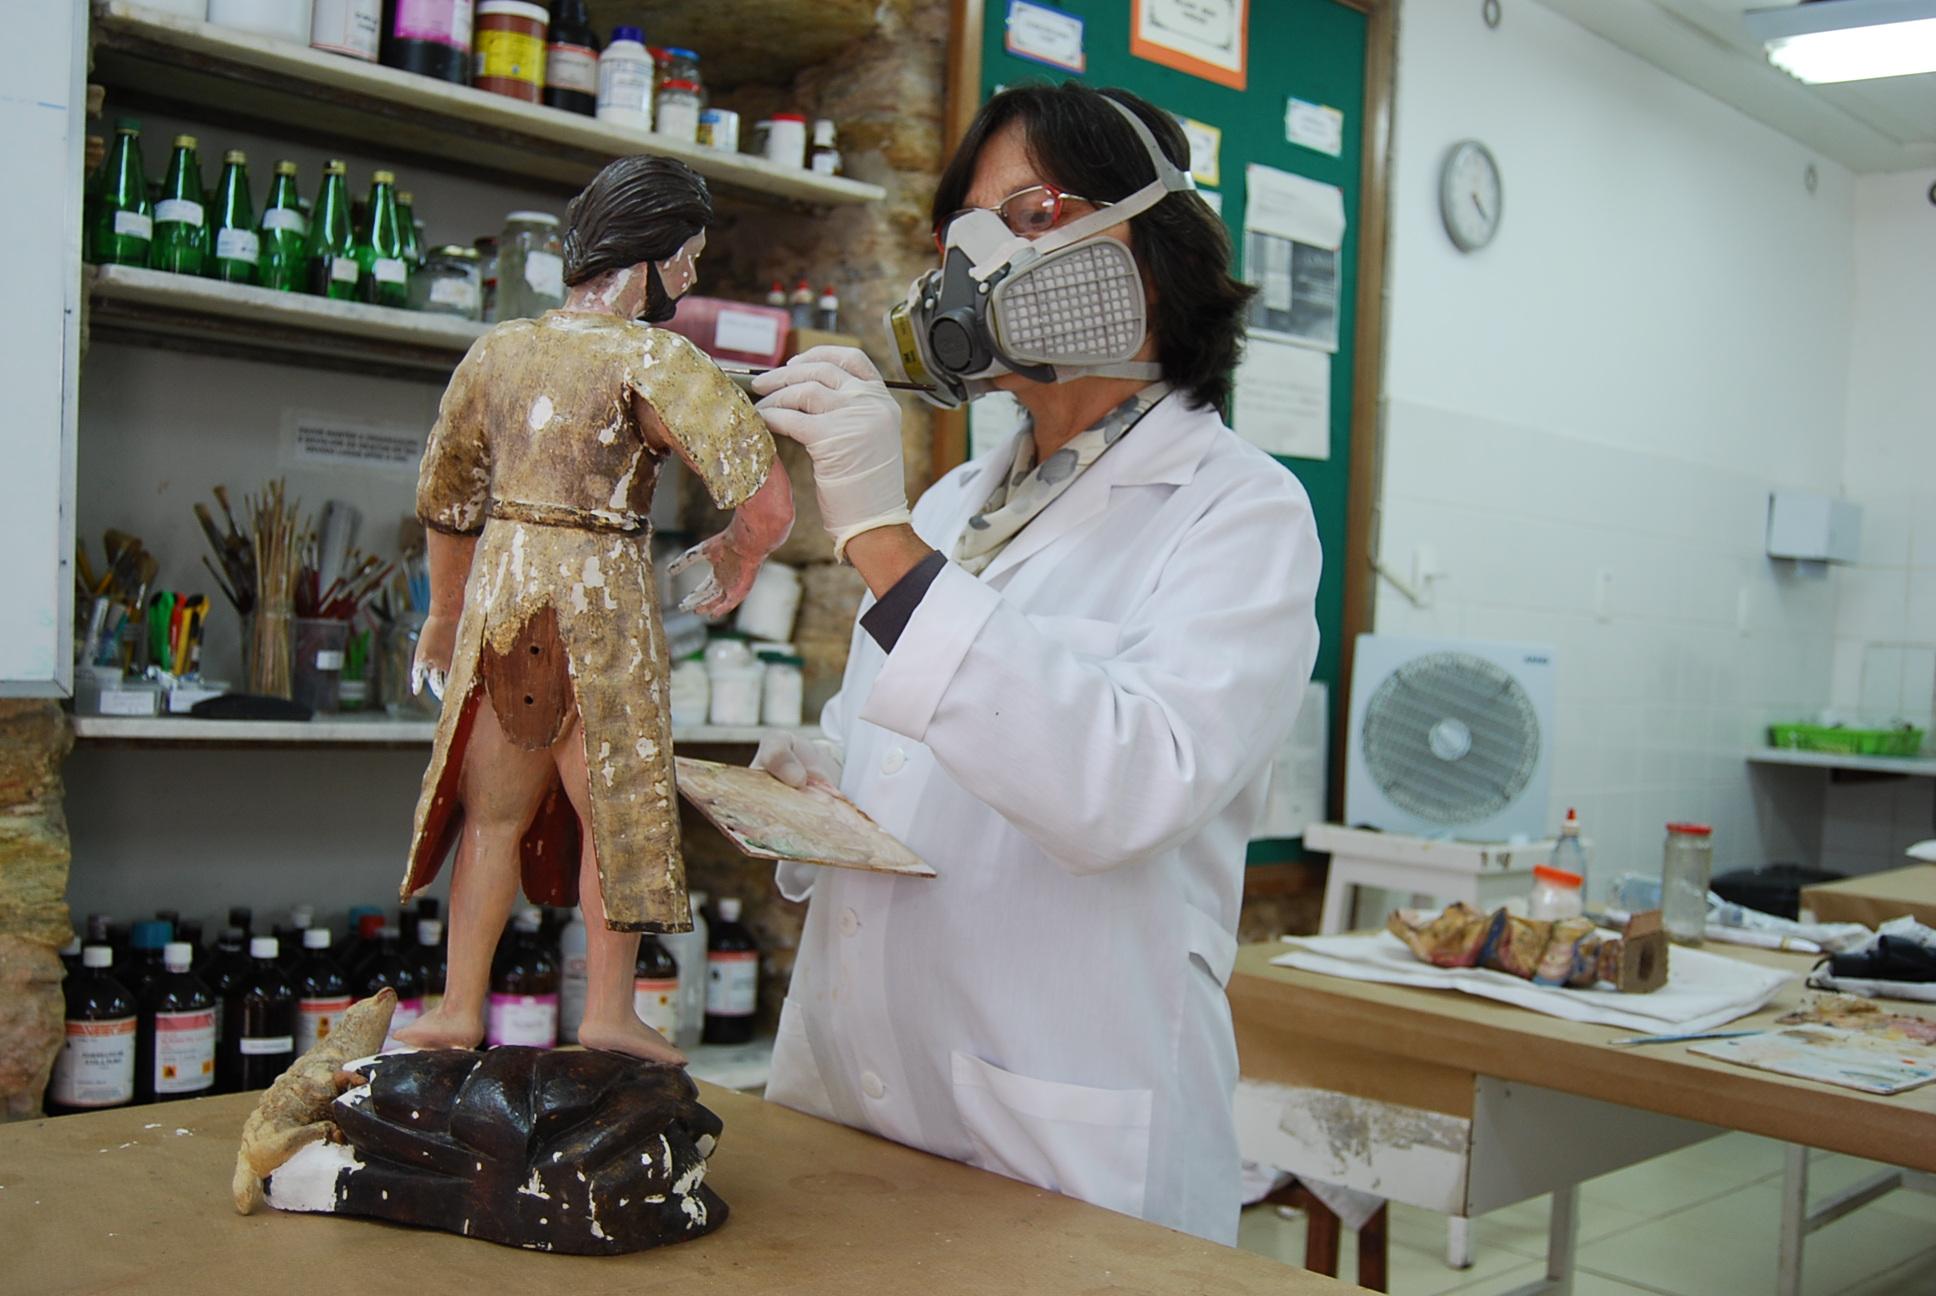 Cultura - artes plásticas - esculturas barroco restaurador patrimônio histórico museus conservação